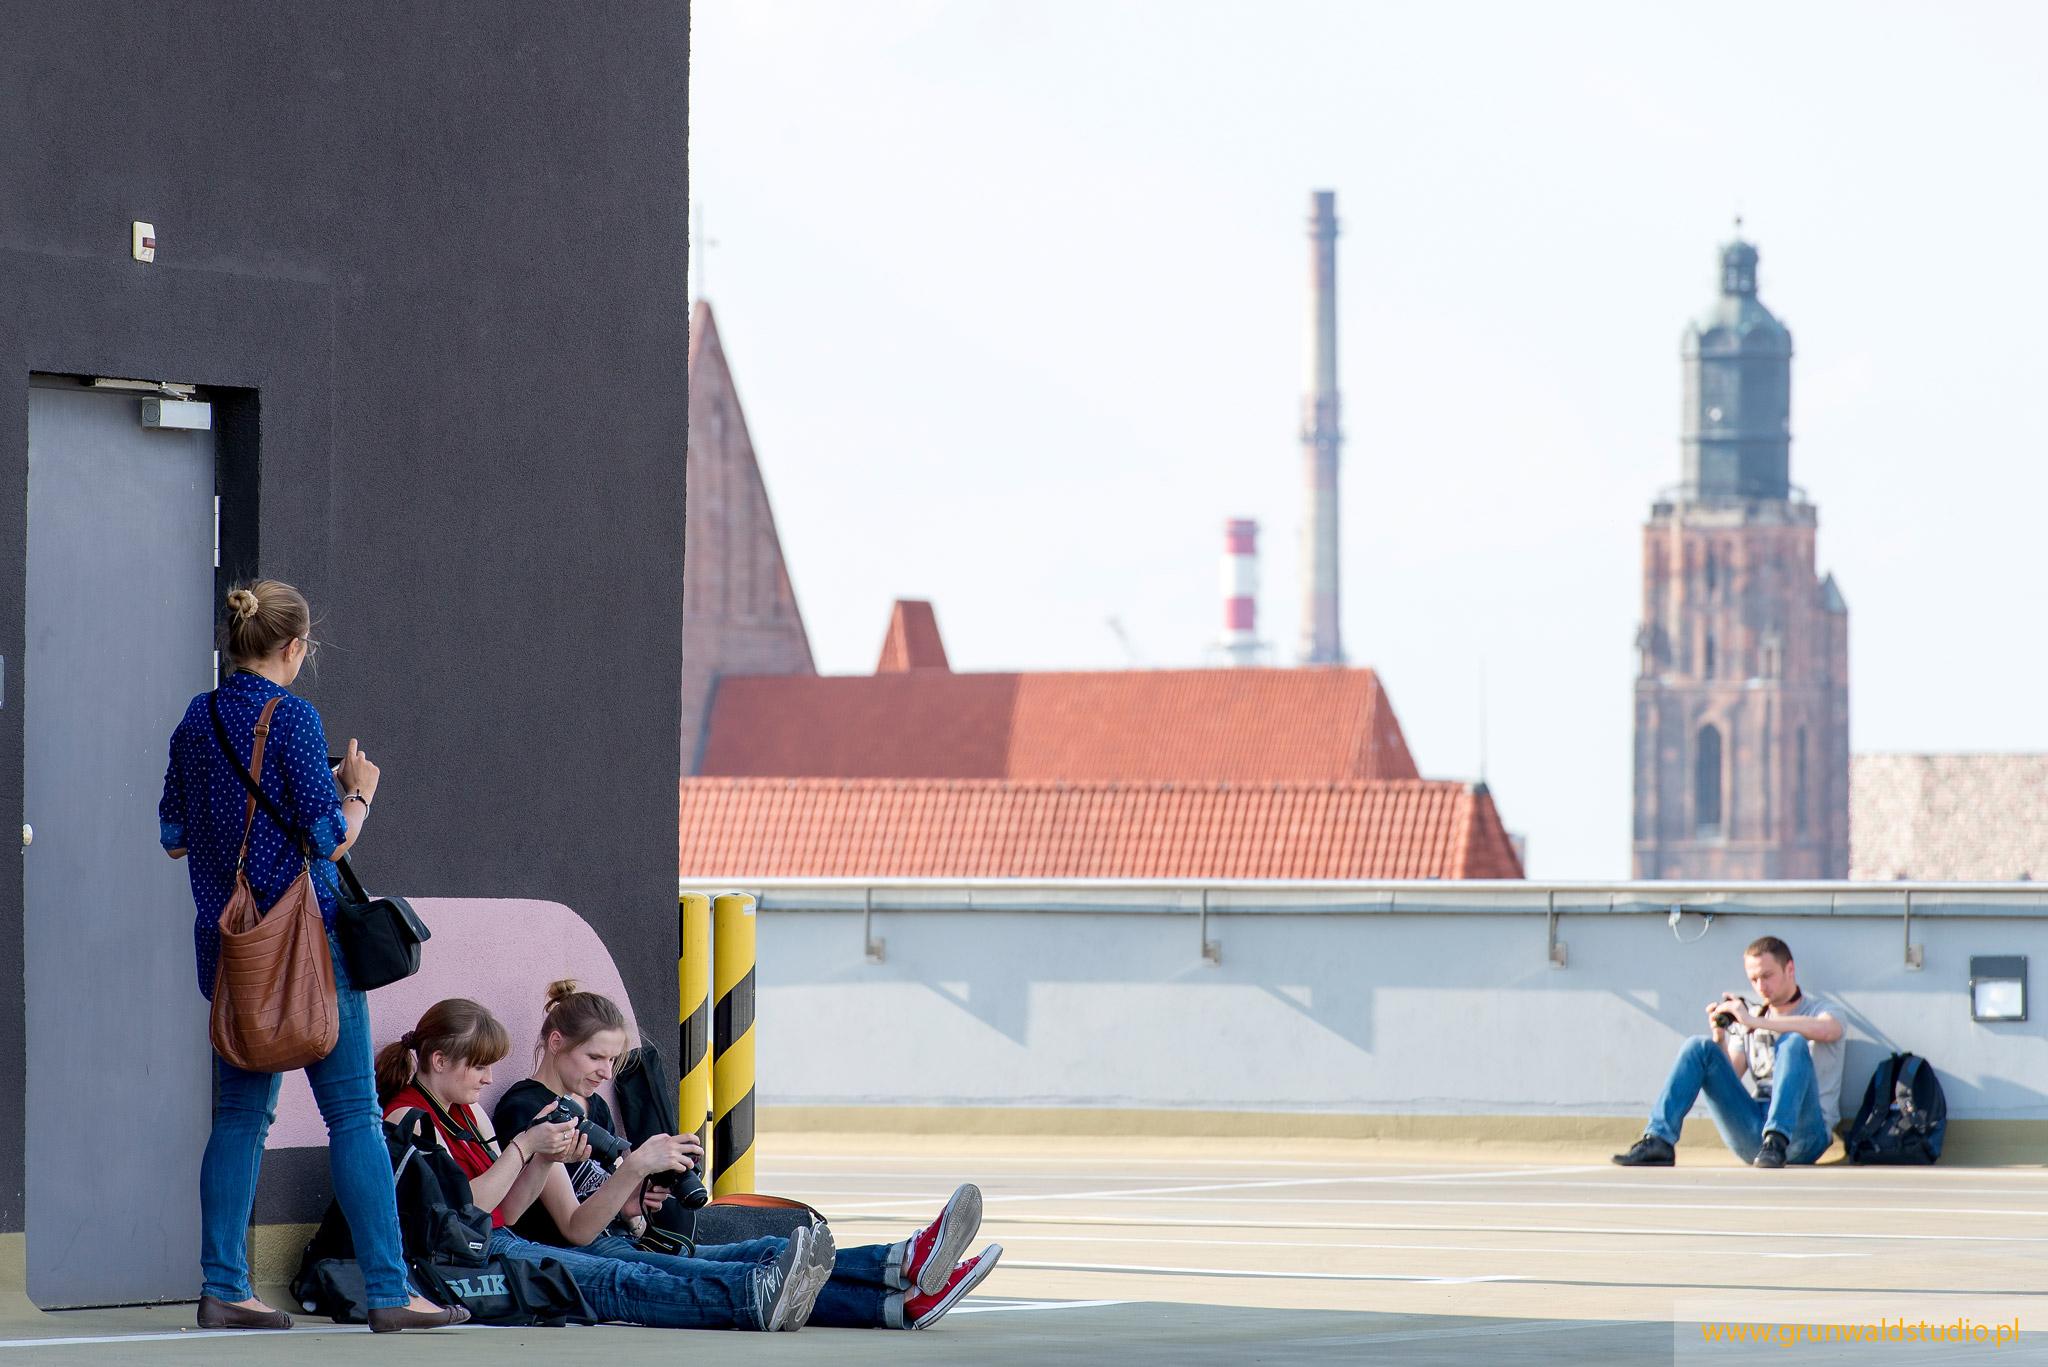 Grunwald Studio Kursy fotografii Wrocław 2015 23